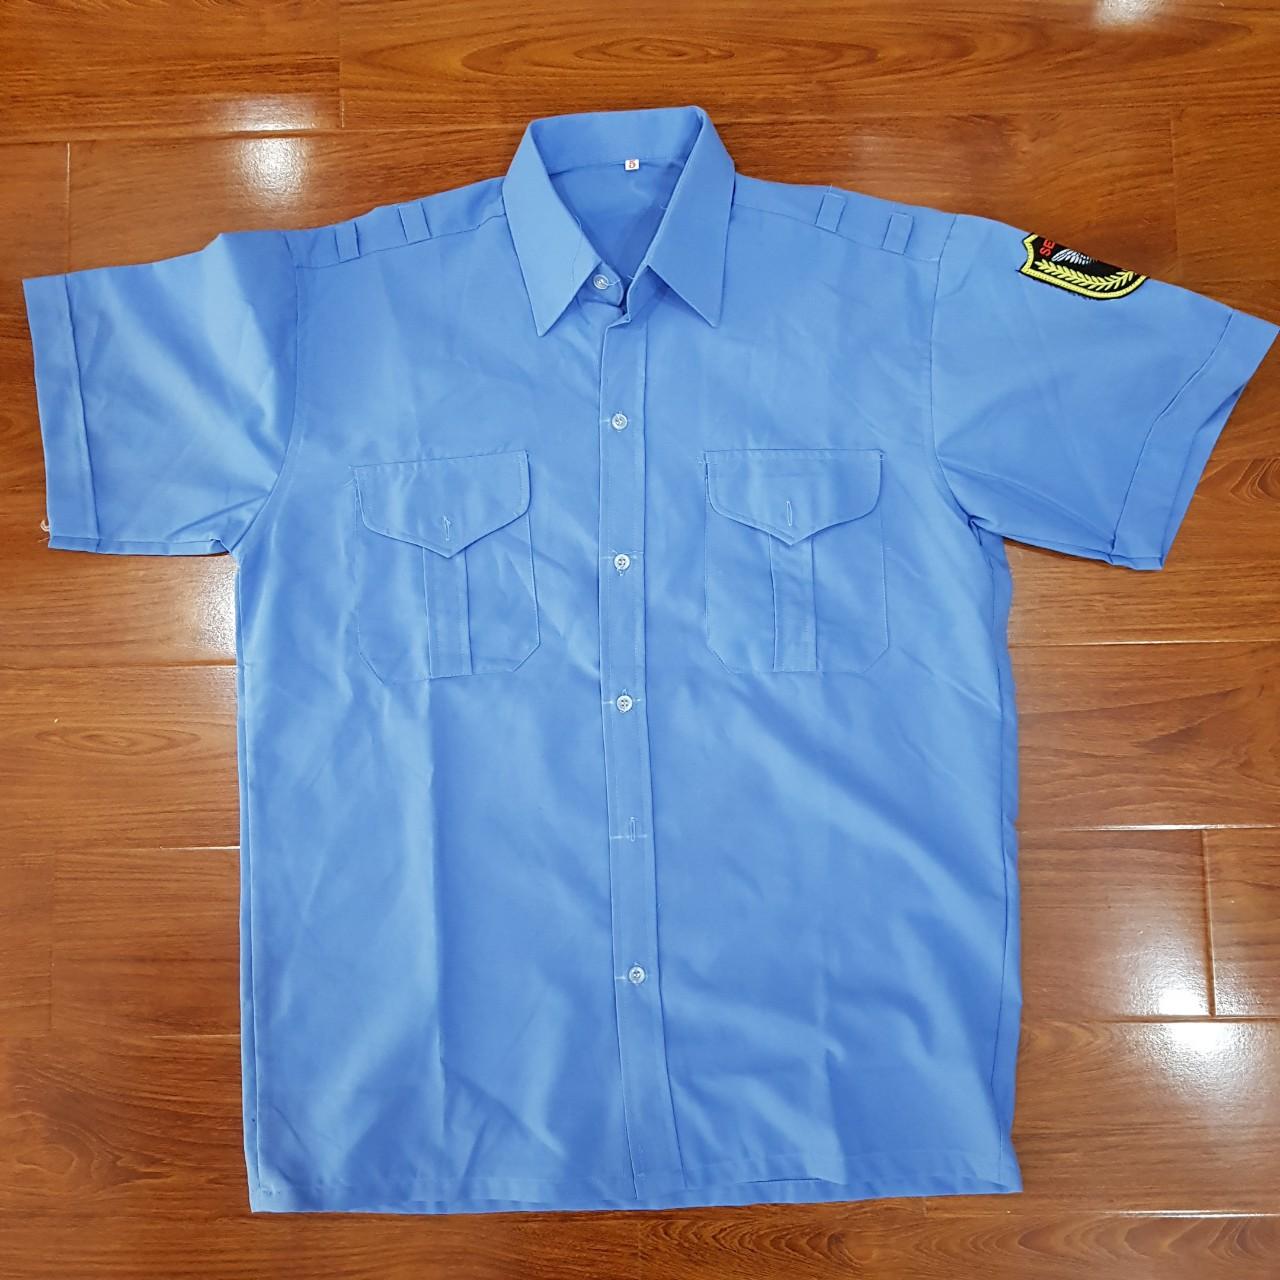 Giamr giá áo bảo vệ tay ngắn đủ size-vải đẹp-hình thật